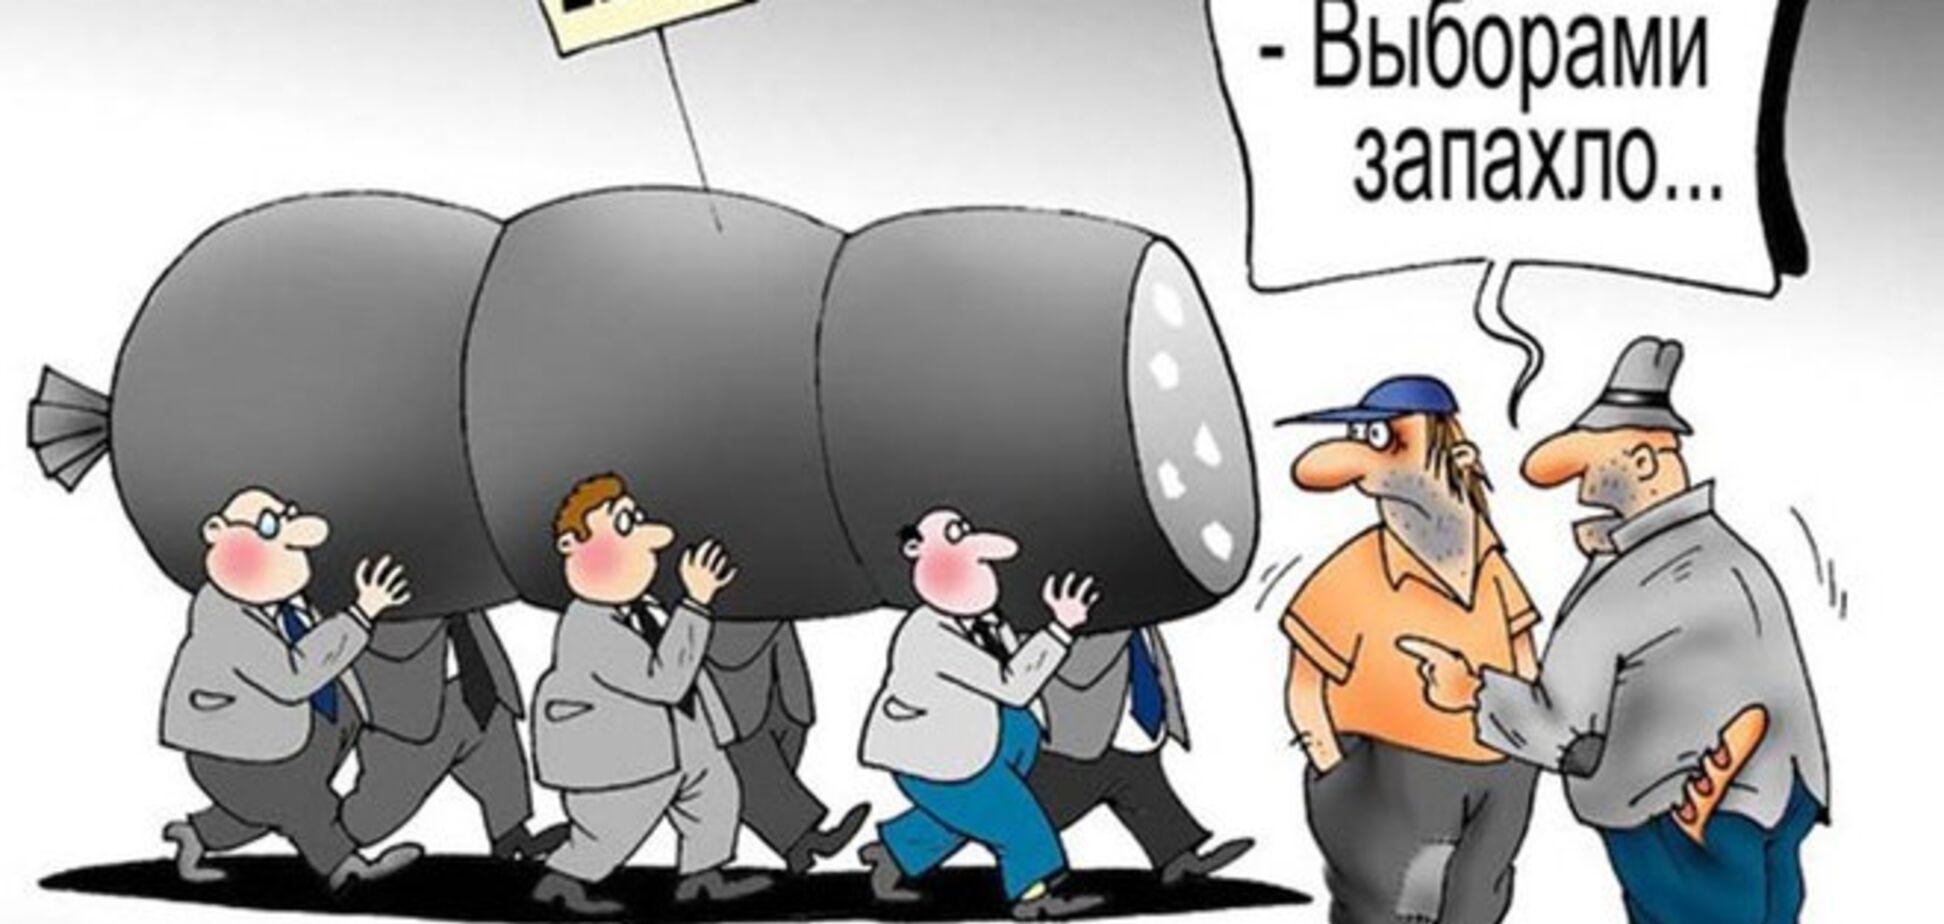 Харьковская прокуратура открыла уголовное производство из-за подкупа избирателей